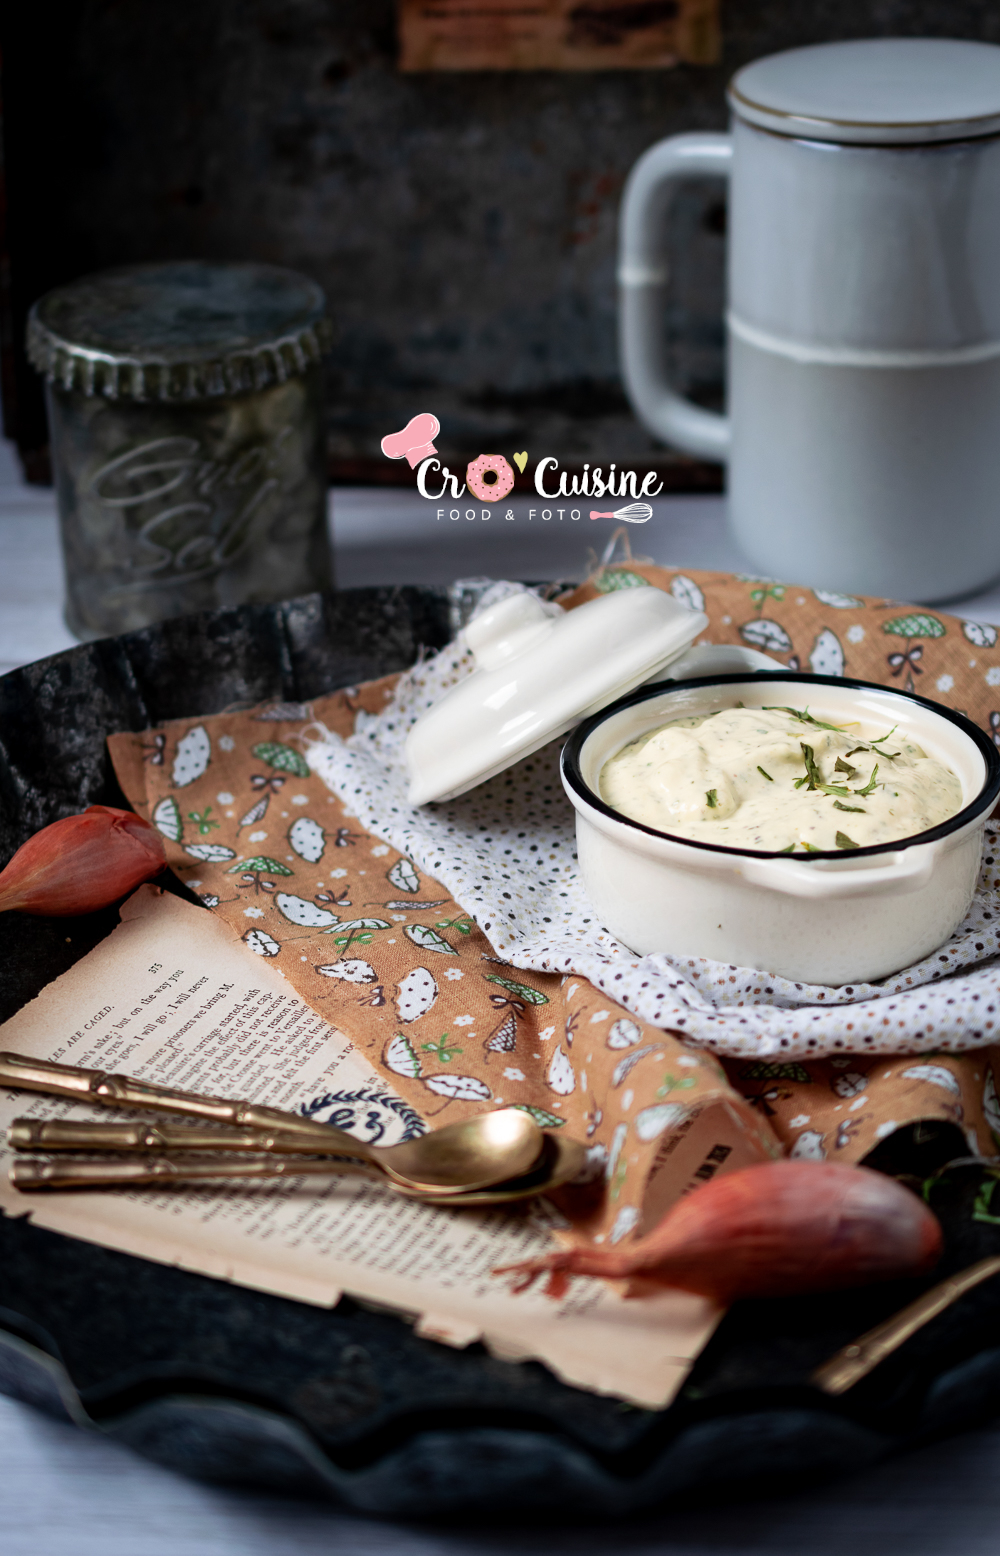 Une délicieuse sauce béarnaise comme les industriels mais meilleure. Riche en saveurs grâce à l'estragon, au cerfeuil et aux échalotes.